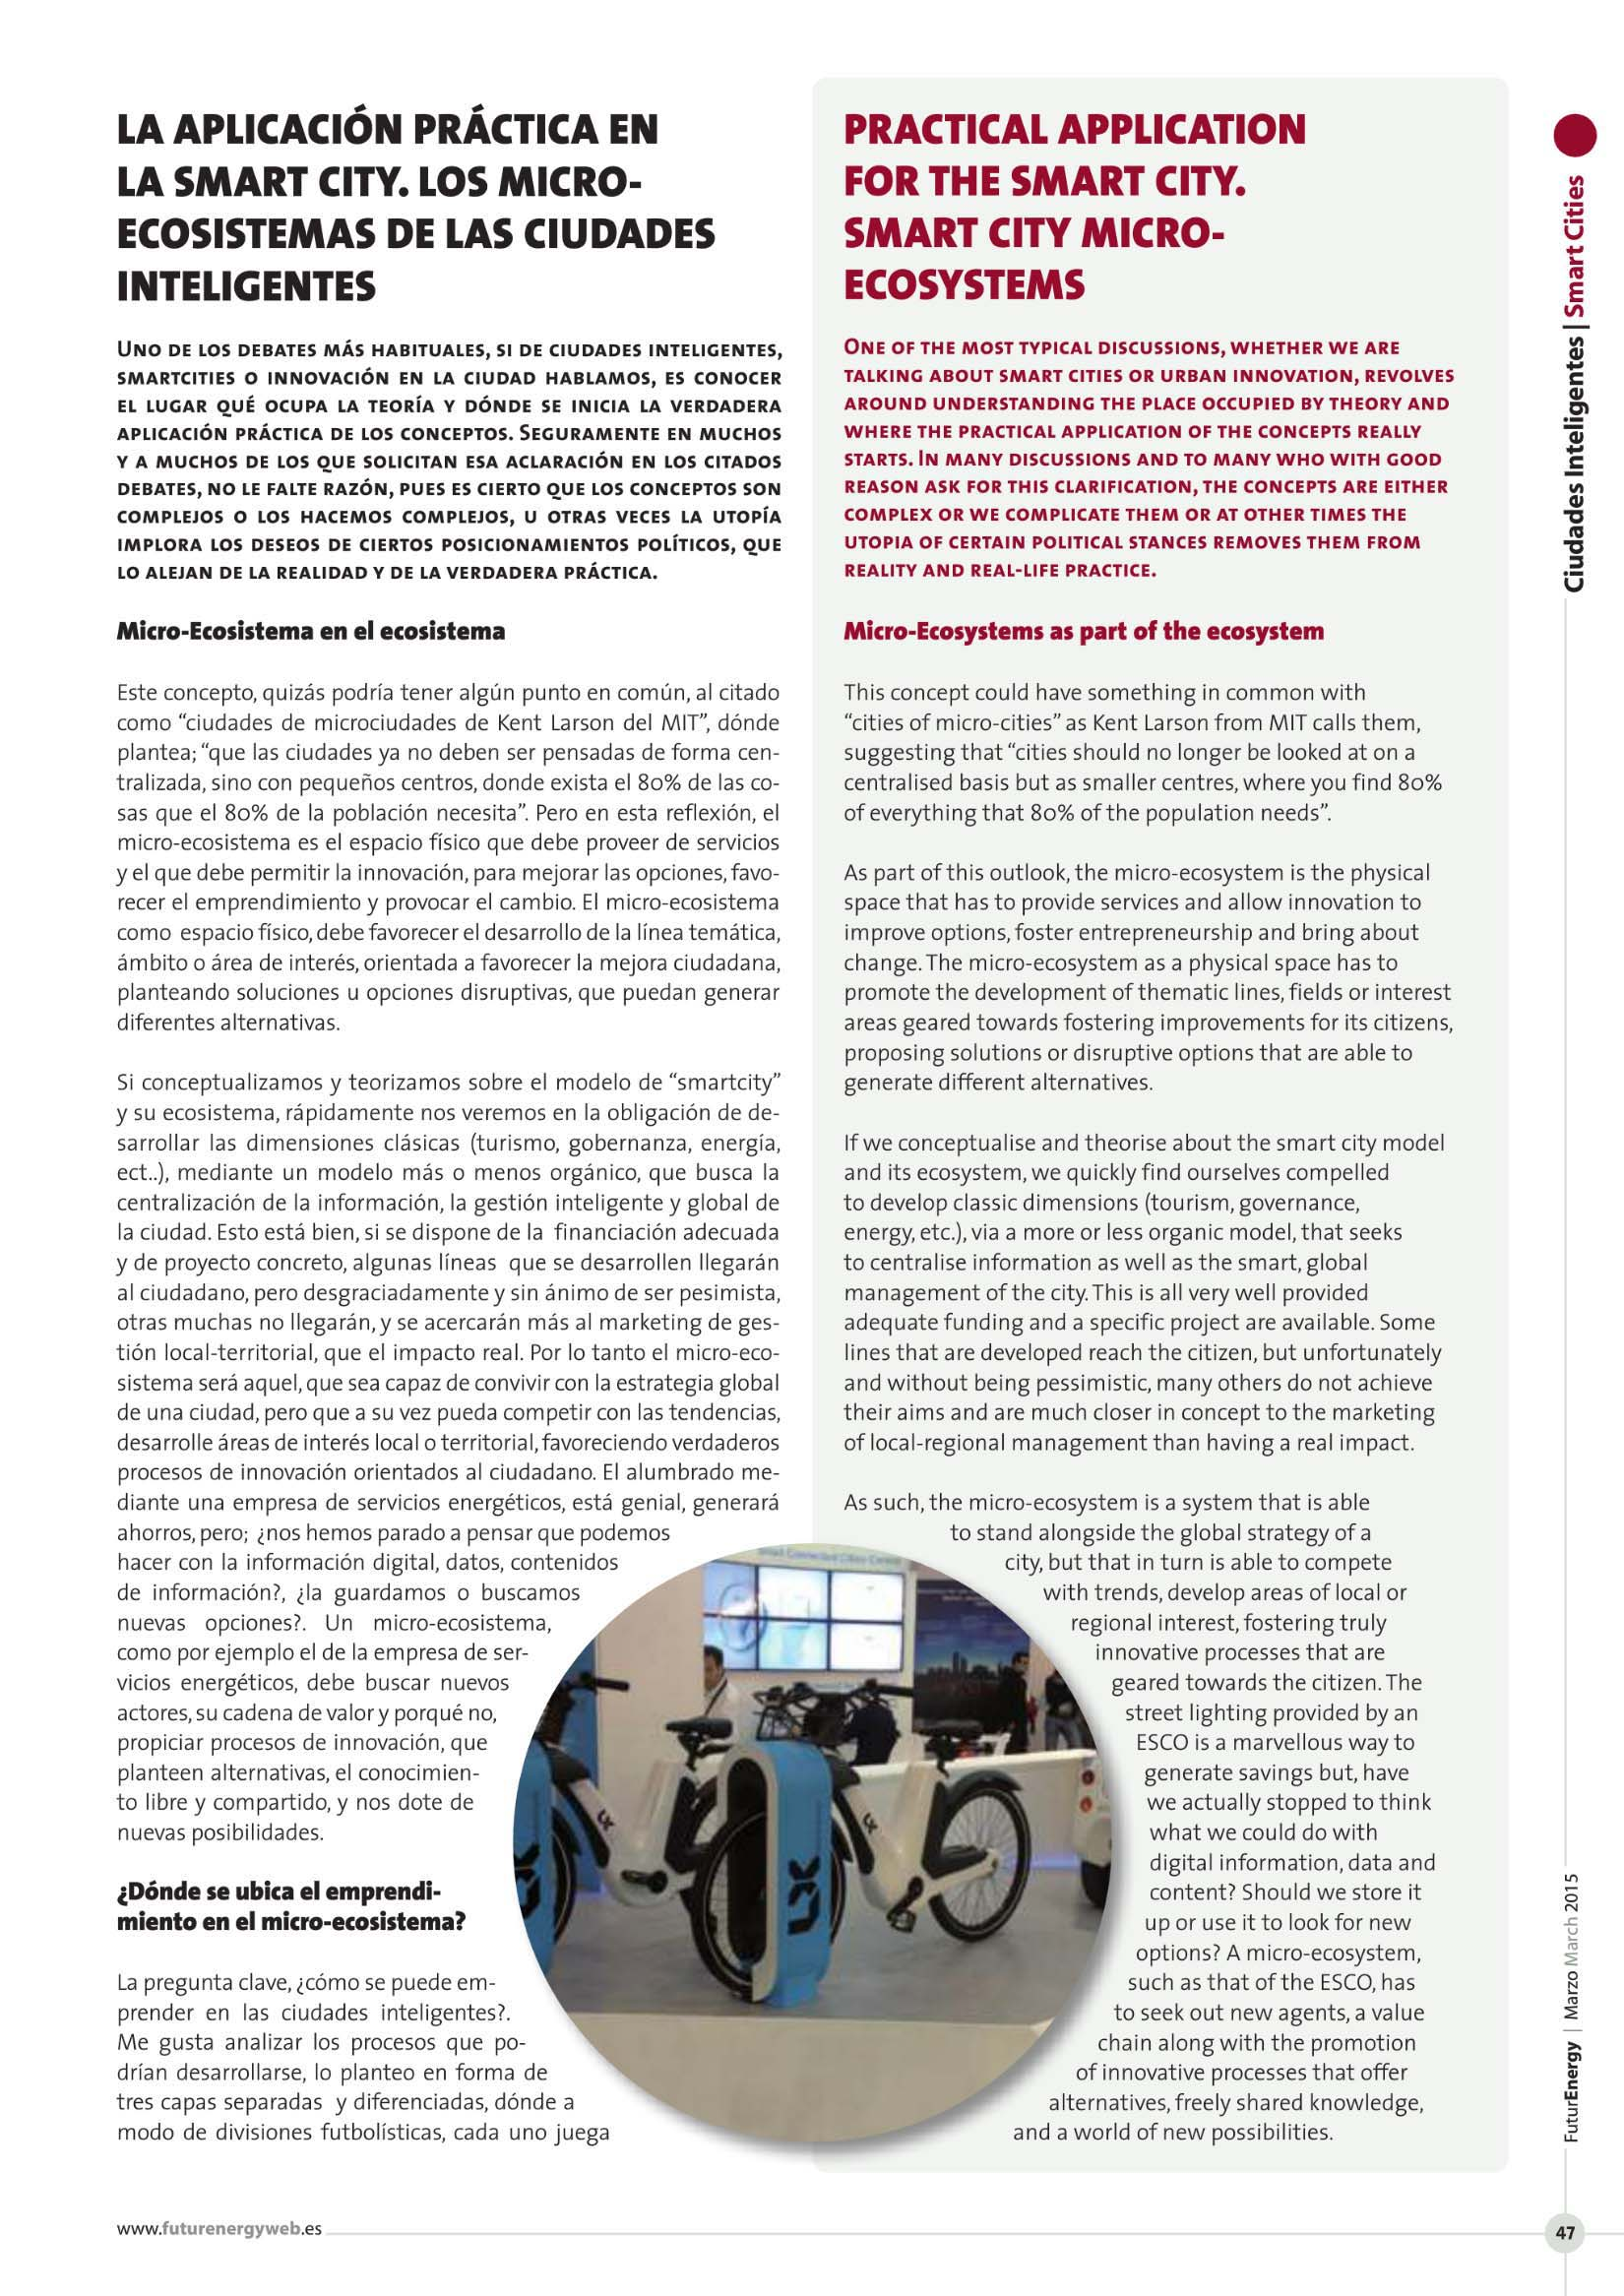 Articulo_Fco_Morcillo_Futur_Energy_Page_1